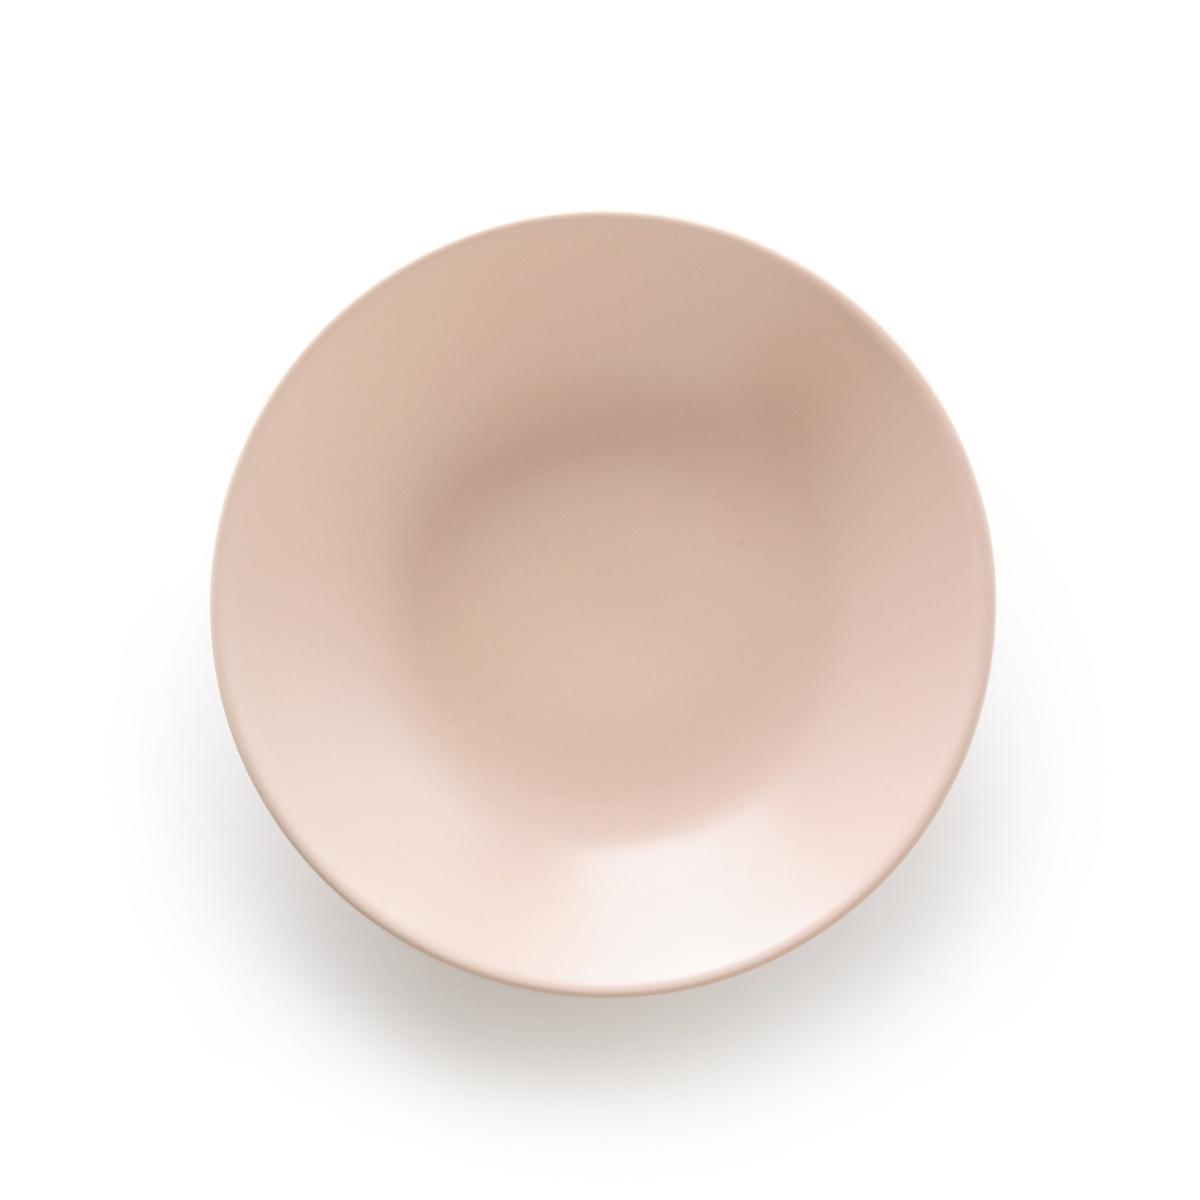 Комплект из 4 глубоких тарелок LaRedoute Из матового фаянса MELYA единый размер розовый плед laredoute из рифленого флиса puntos единый размер розовый